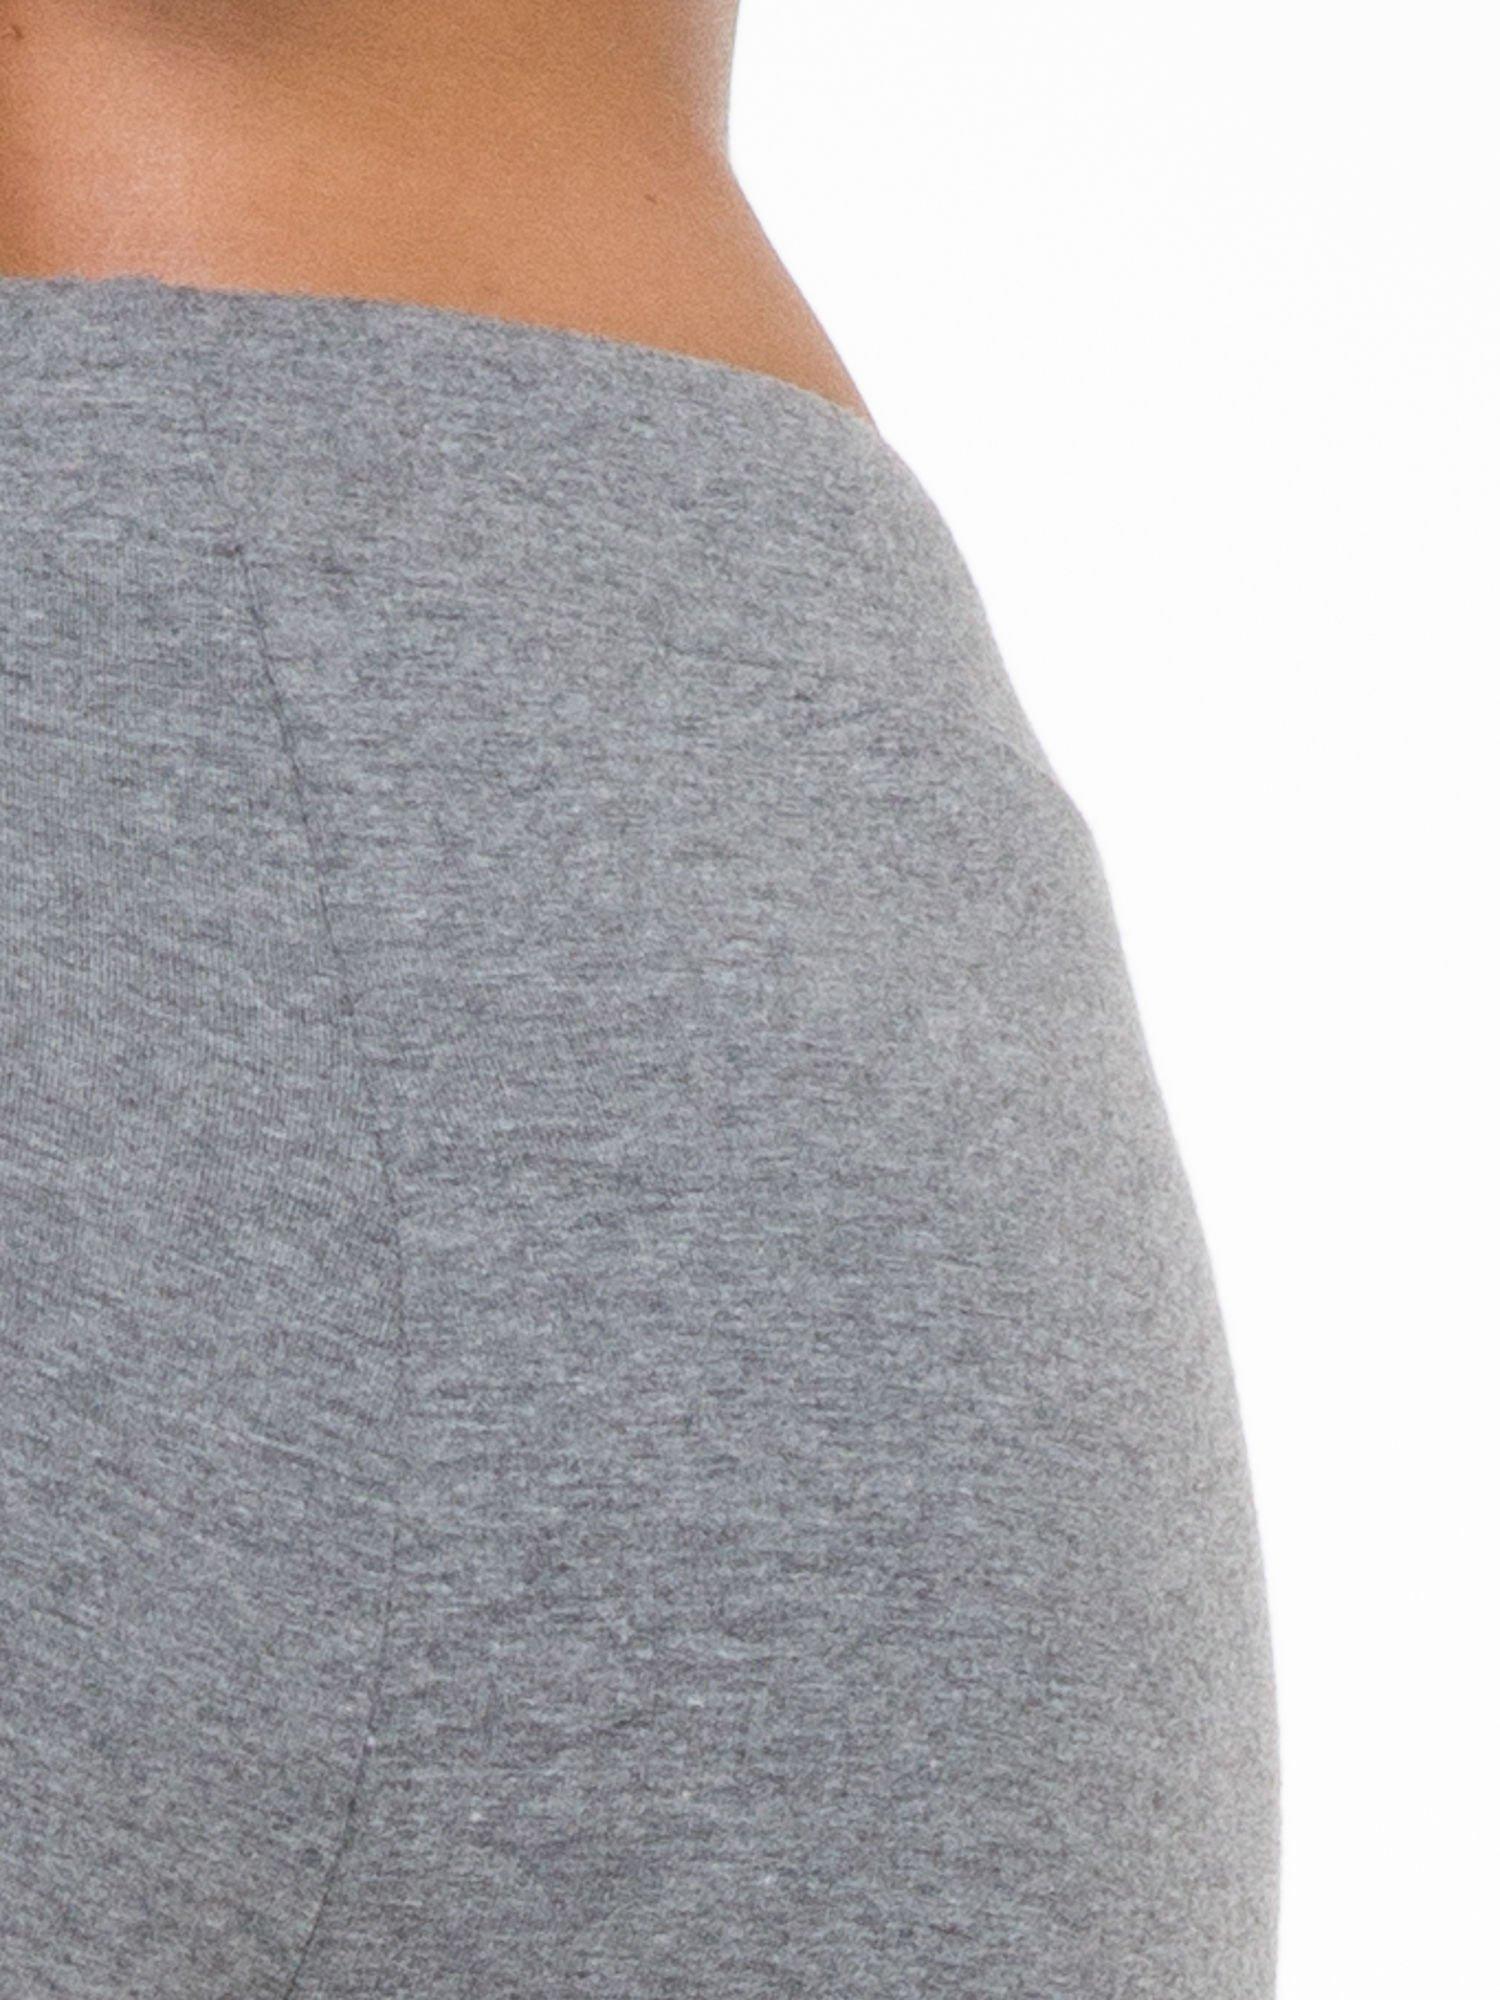 Ciemnoszare proste spodnie dresowe wiązane w pasie                                  zdj.                                  5